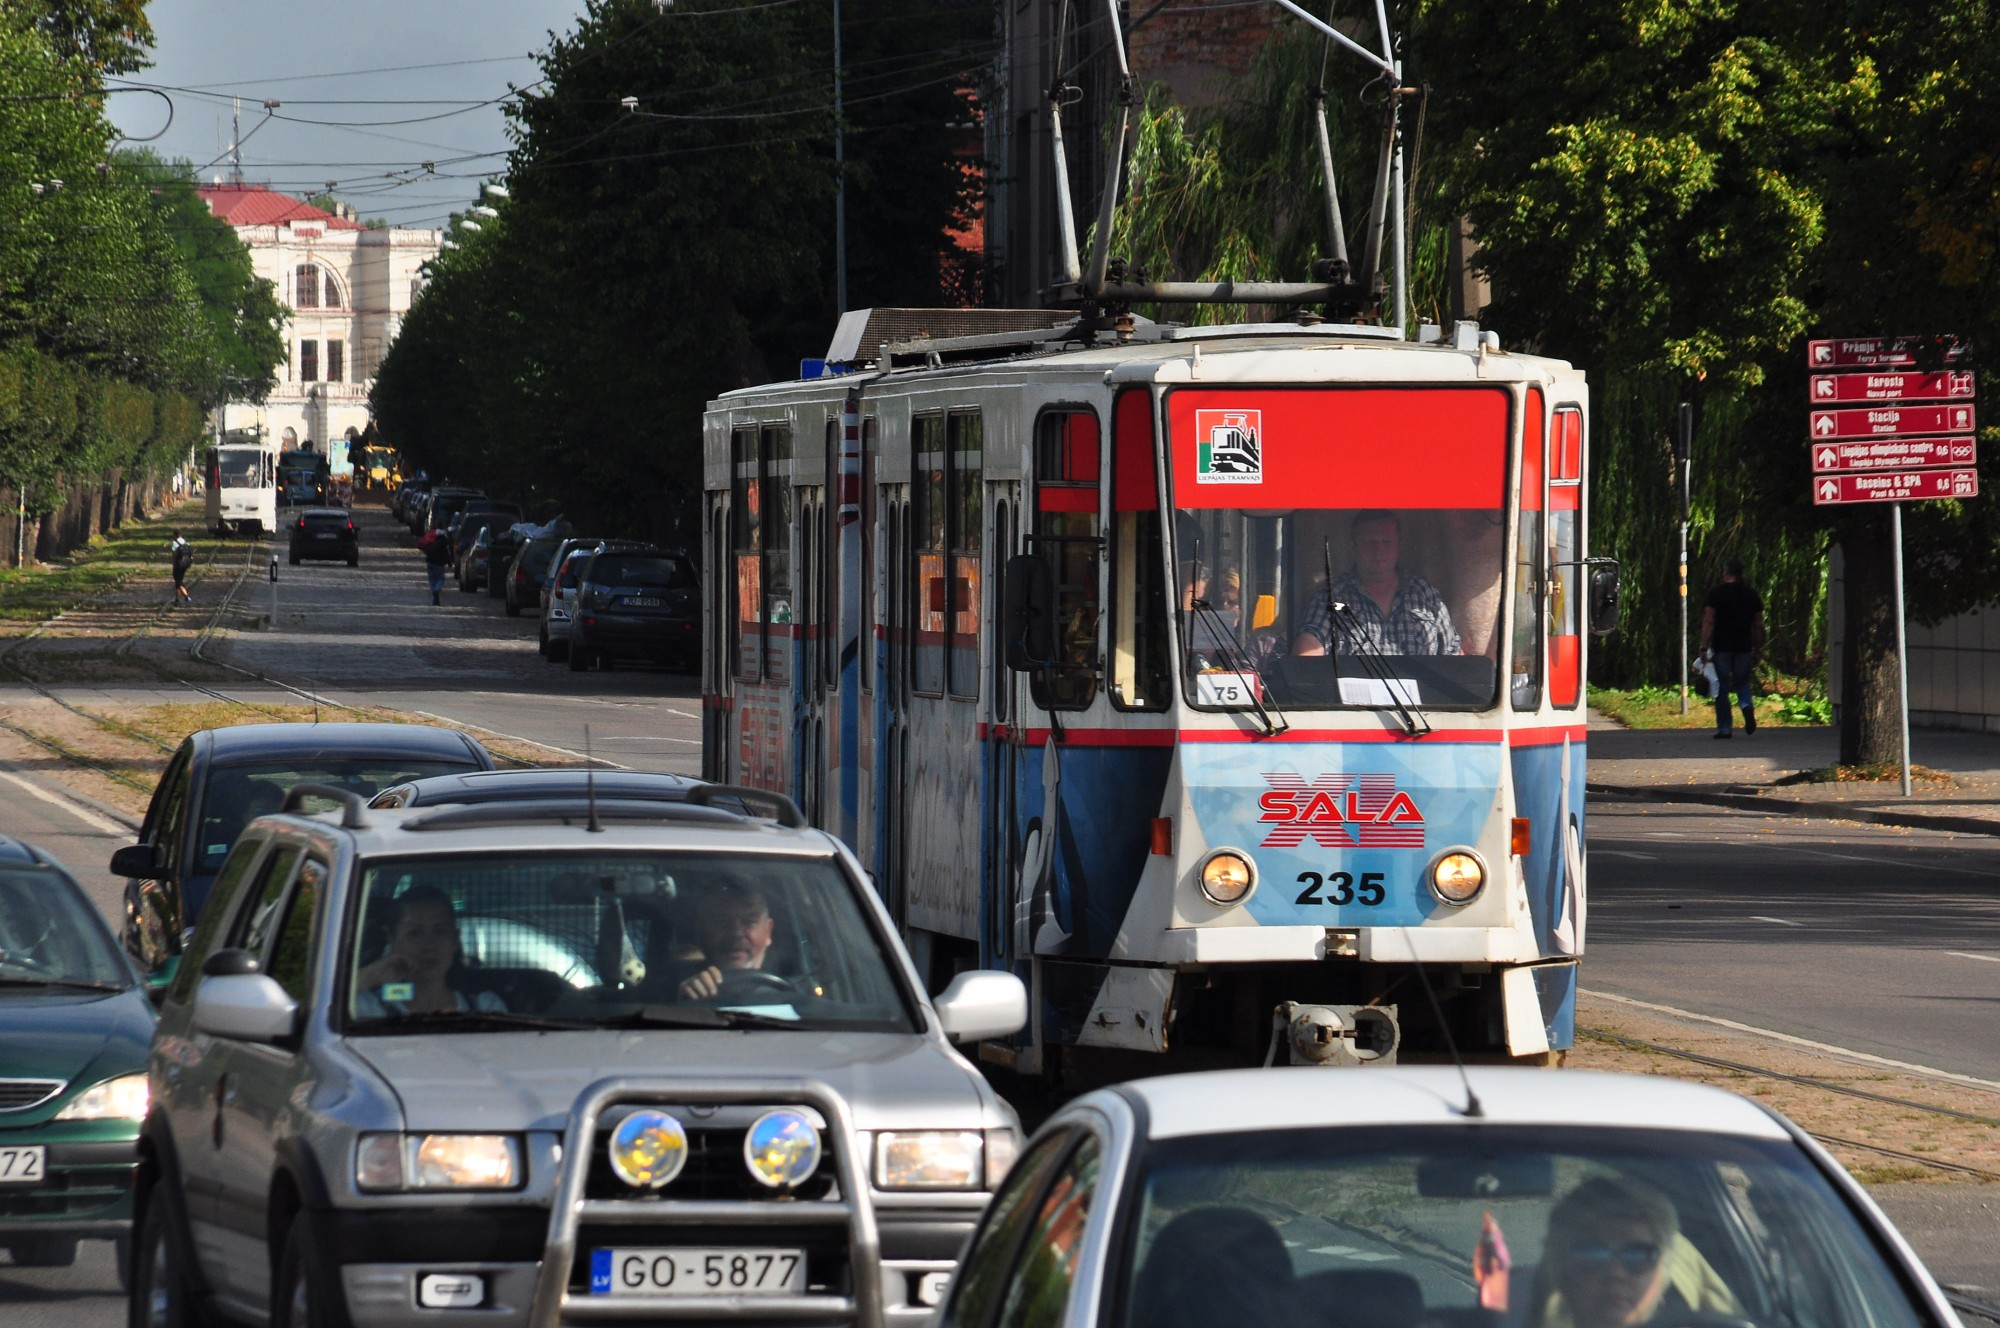 Liepājā ar tramvajiem pārvadāto pasažieru skaits pieaudzis par 5,8%